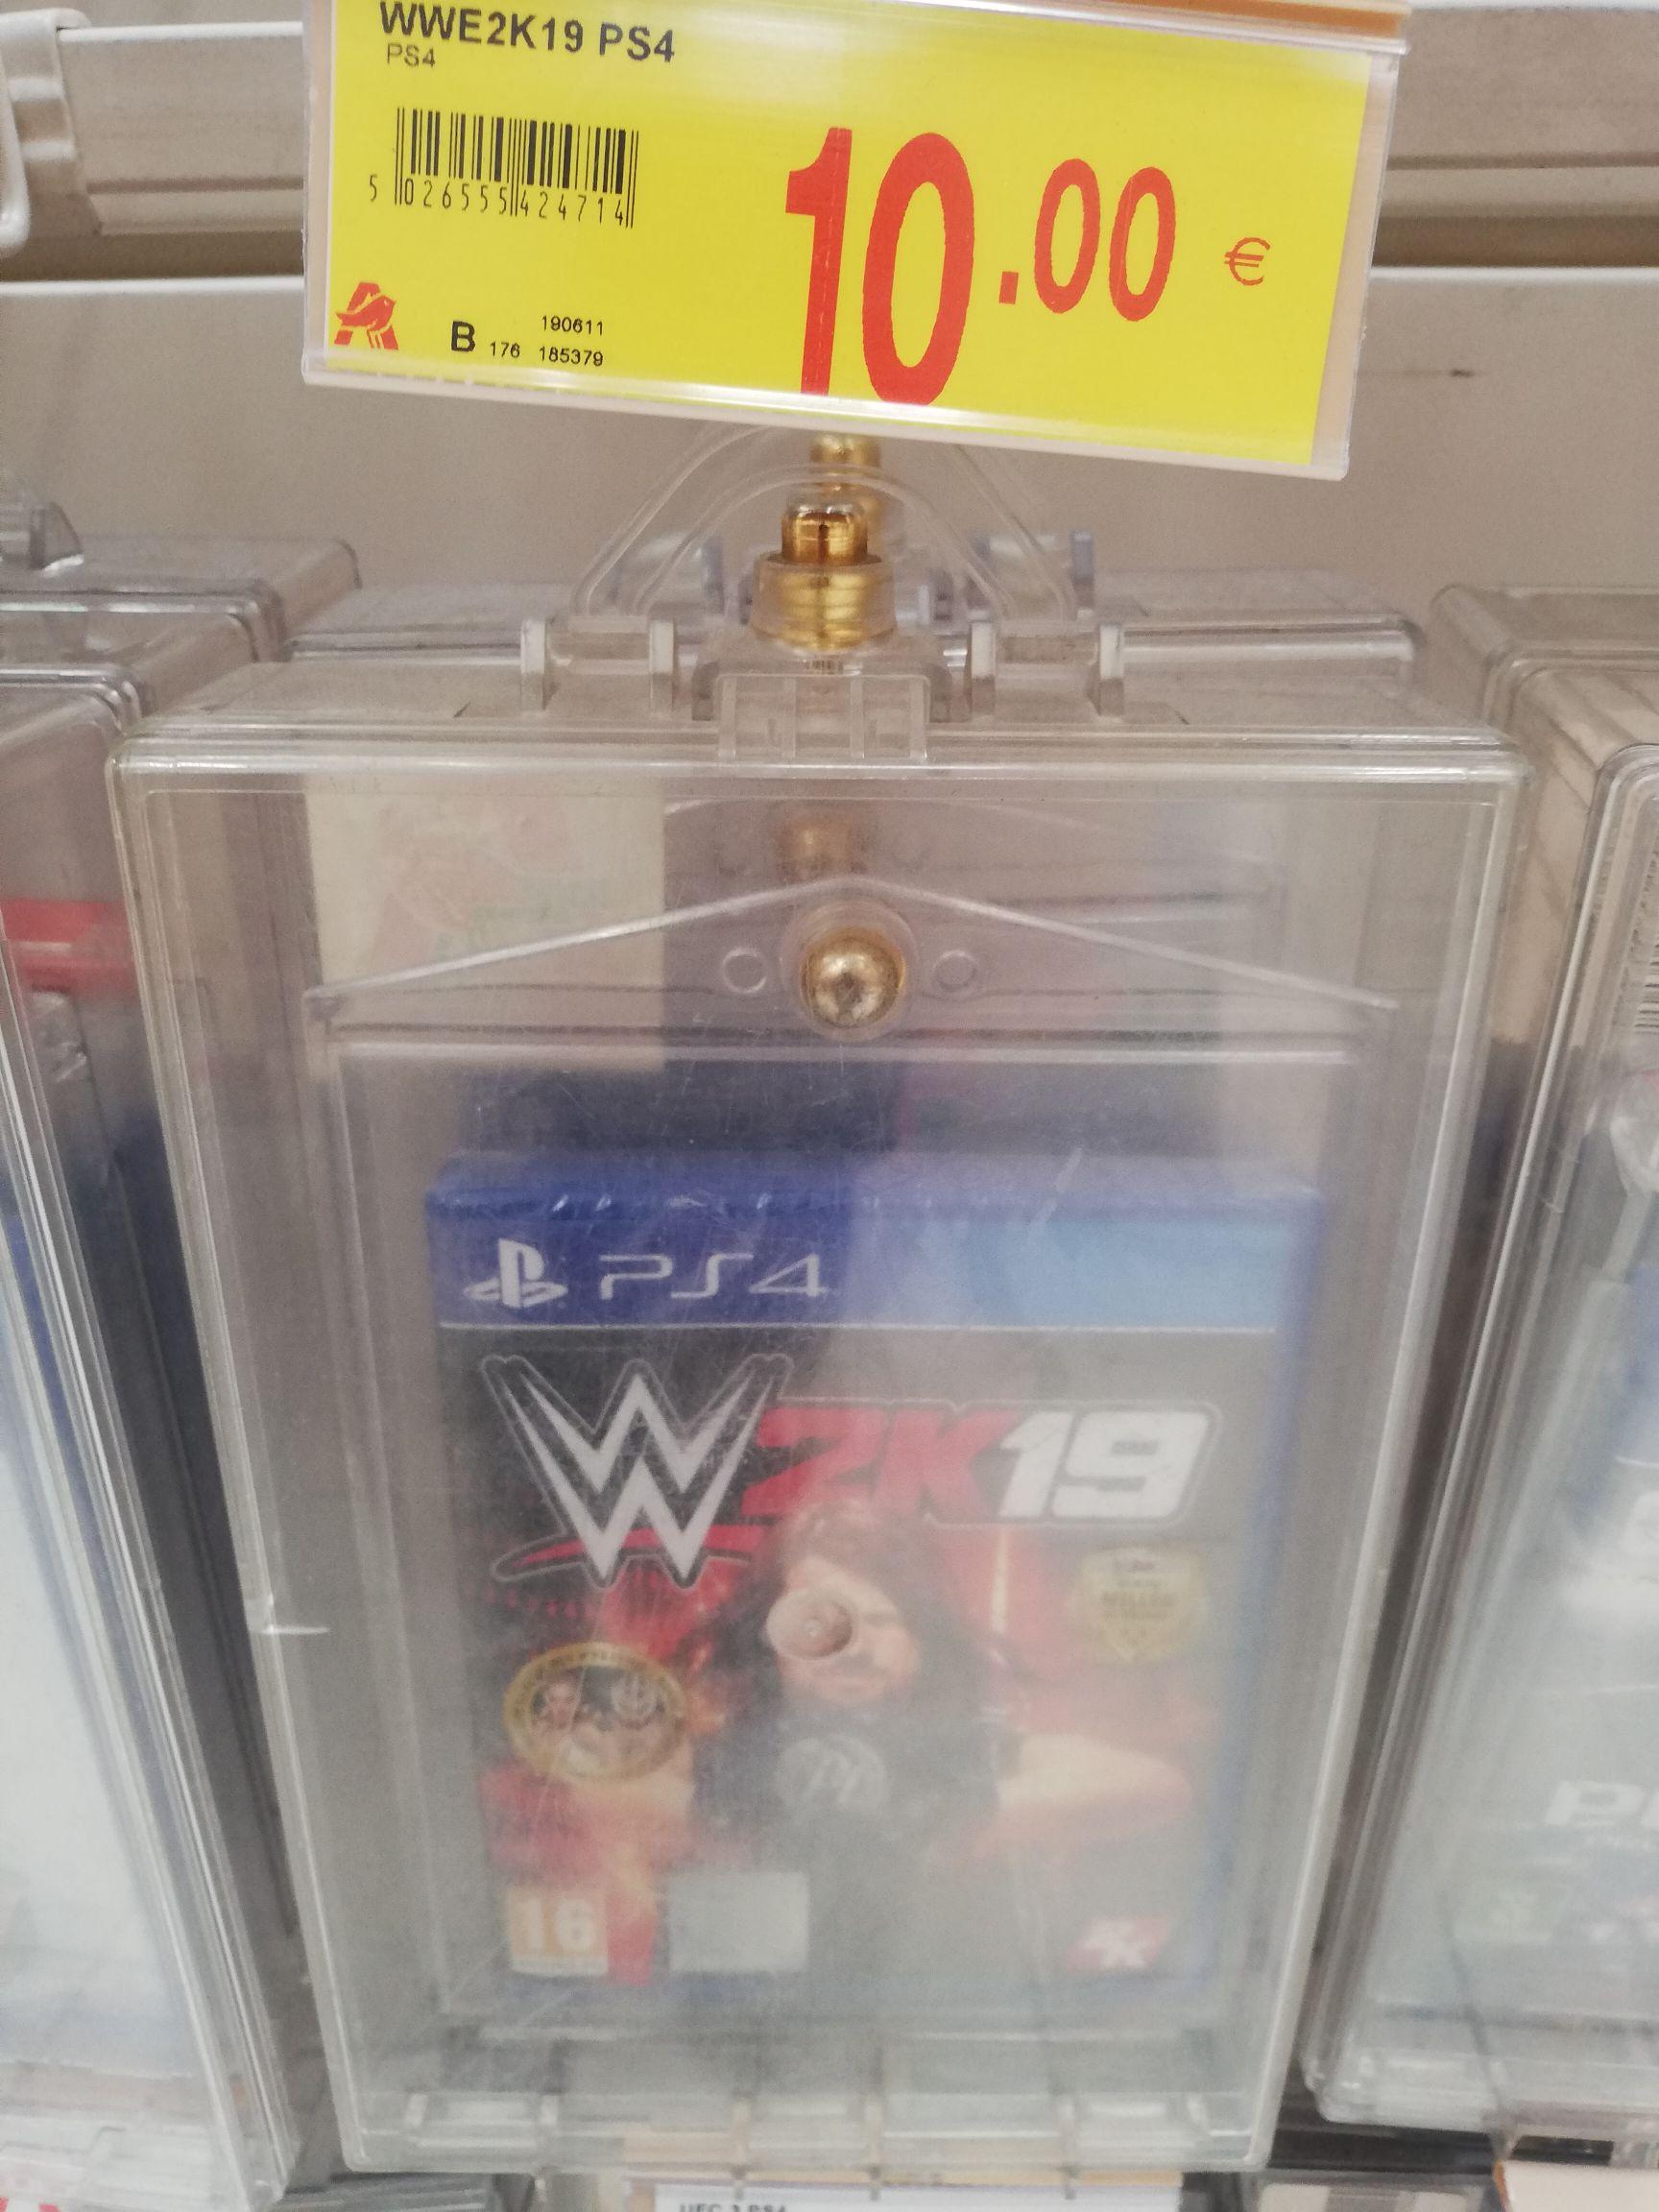 W2K19 de PS4 - Alcampo